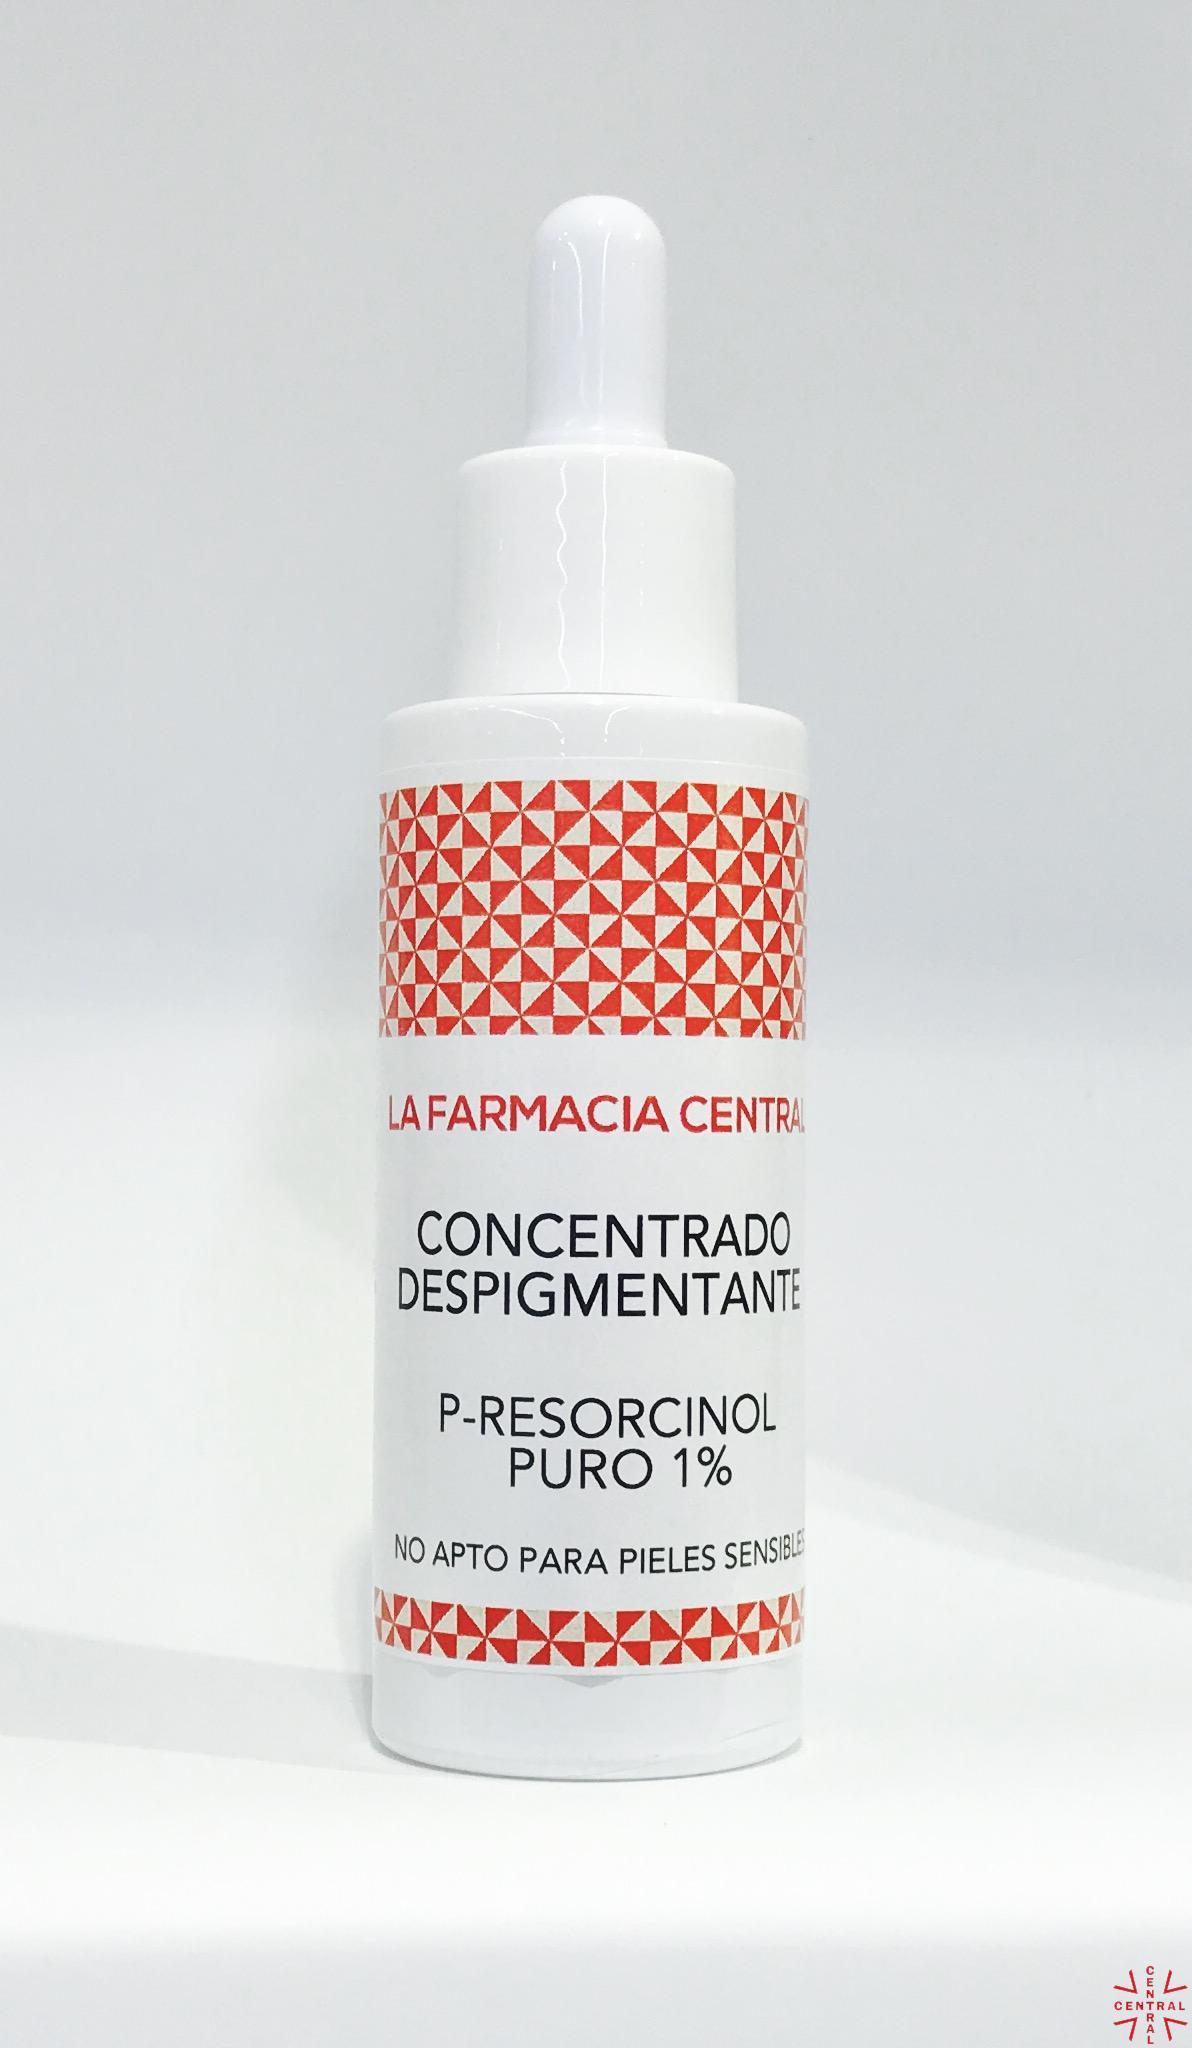 LFC Concentrado despigmentante p-Resorcinol puro 1% 30ml